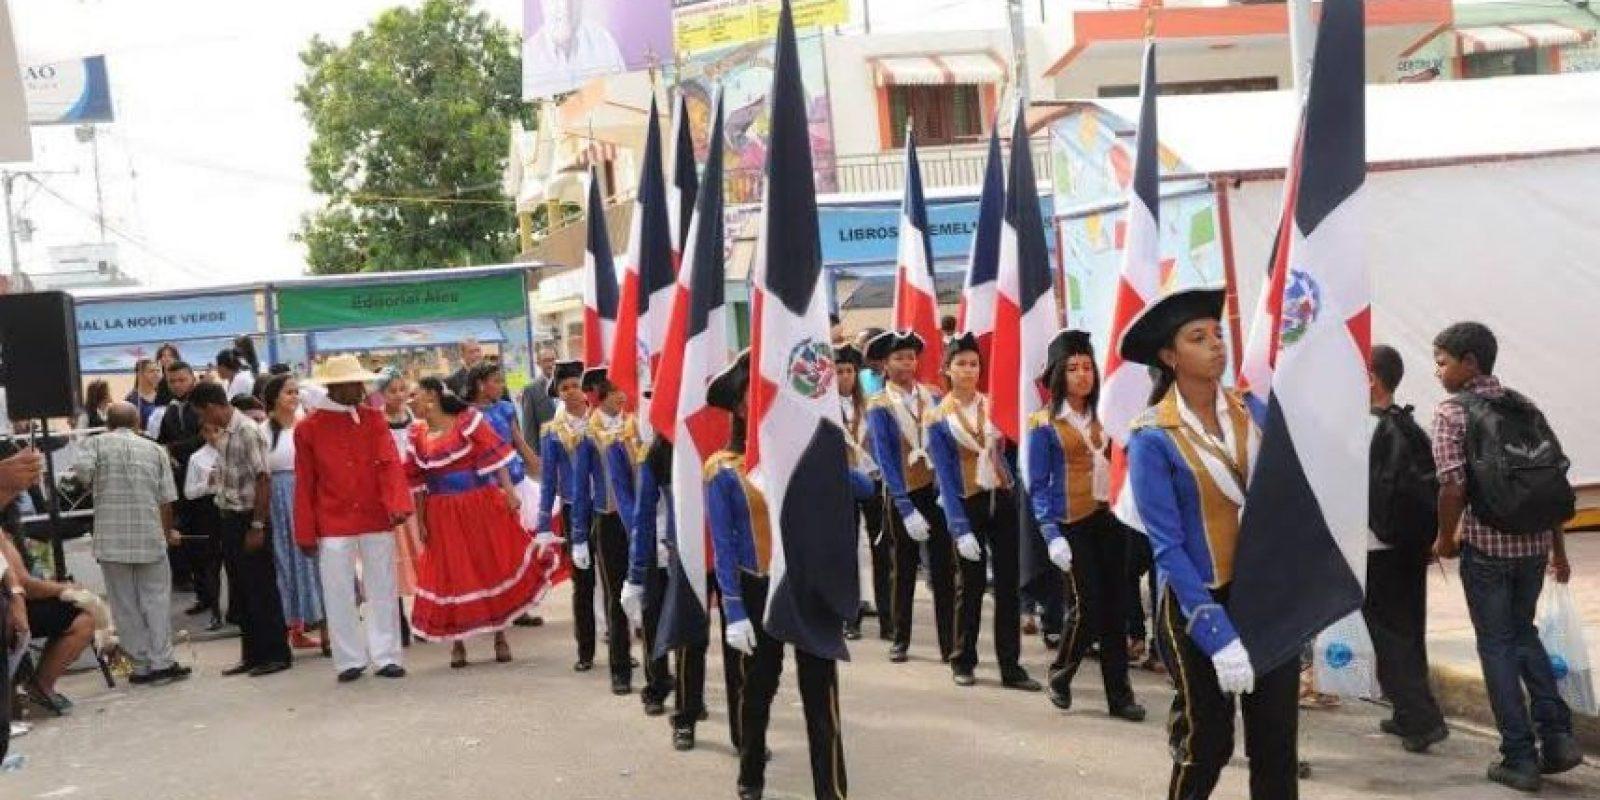 Instituciones públicas y privadas desfilaron en el festival. Foto:Fuente Externa